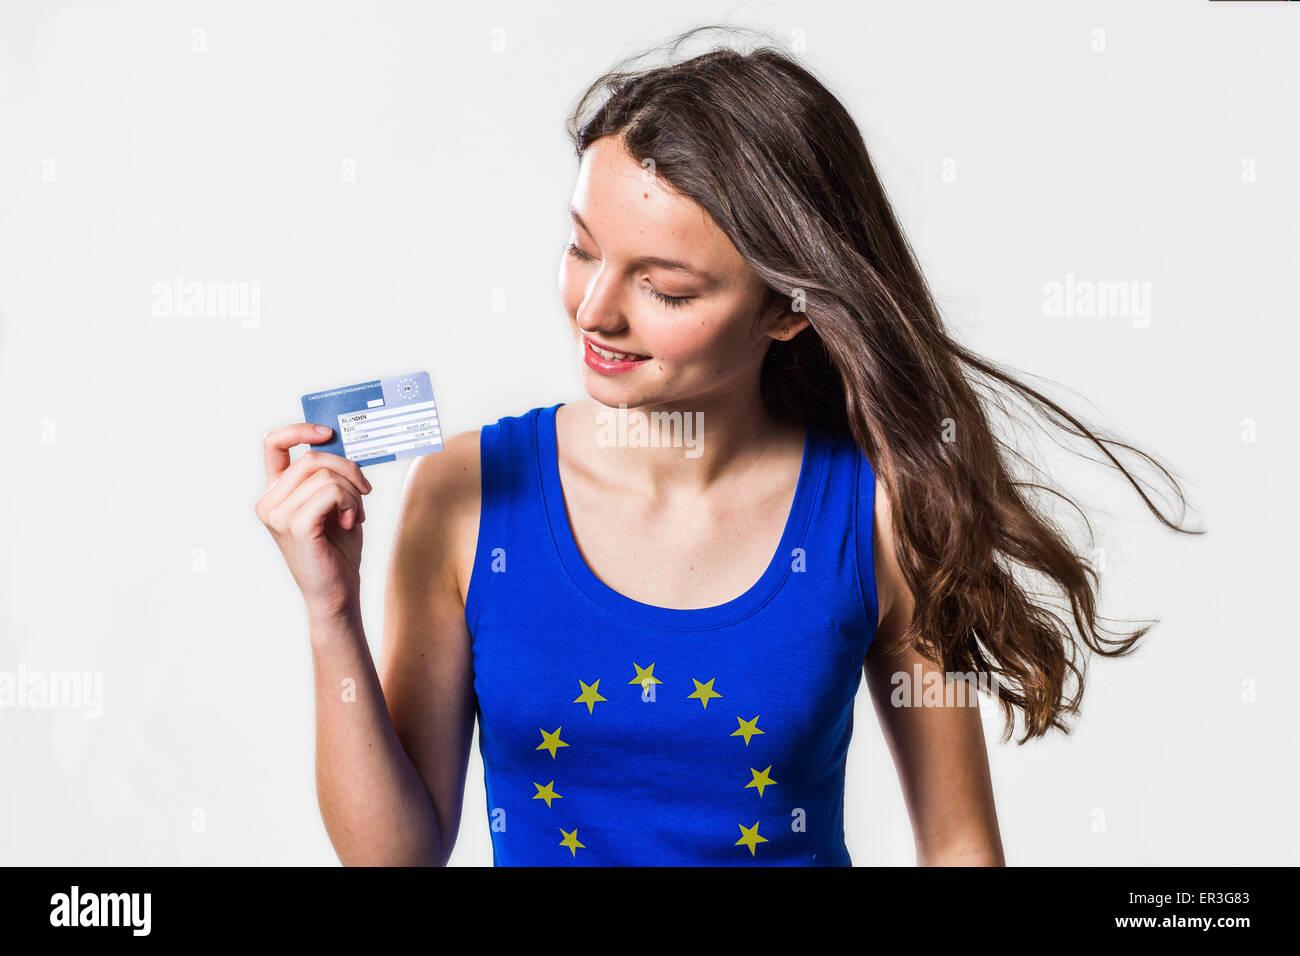 Frau mit europäischen Krankenversicherungskarte. Die Europäische Krankenversicherungskarte (EHIC) ermöglicht Stockbild